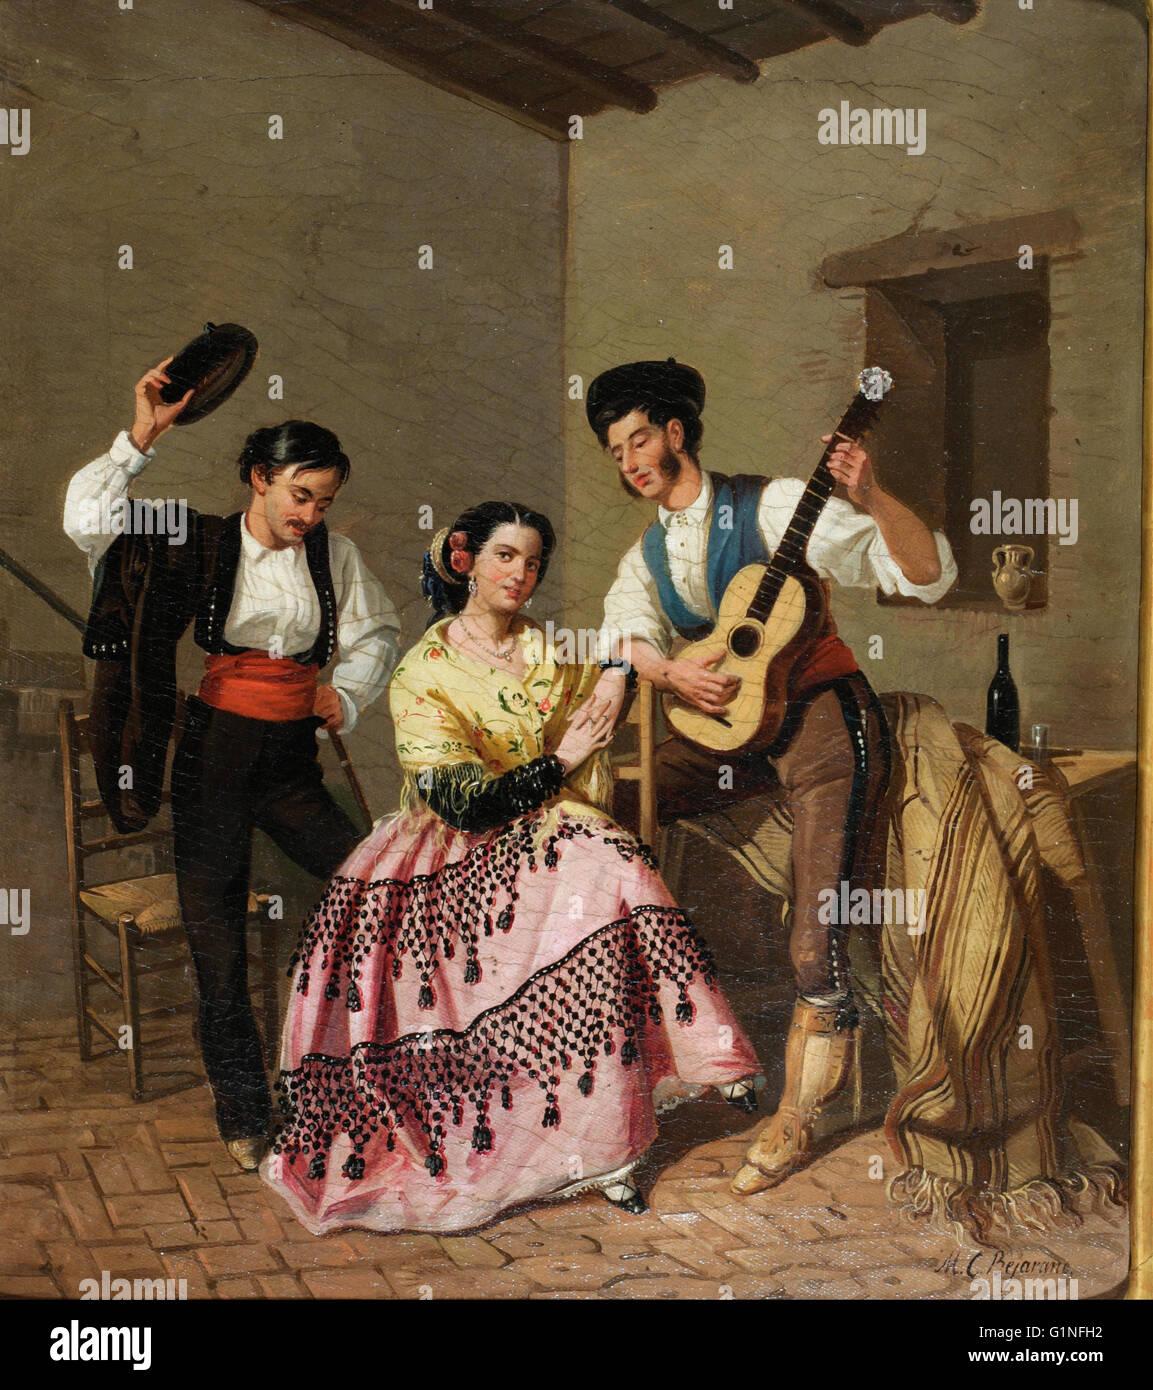 Manuel Cabral - La copla - Museo del Romanticismo, Madrid Immagini Stock